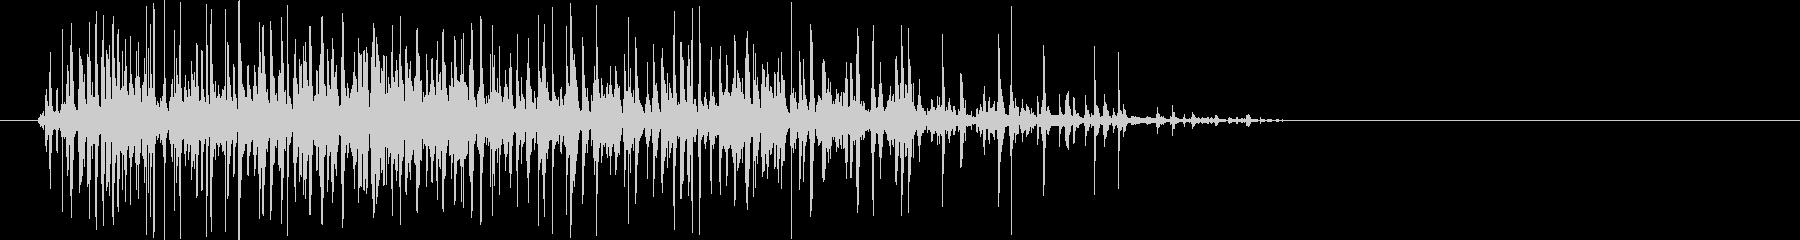 コポコポコポ…(飲み物を注ぐ音、短め)の未再生の波形